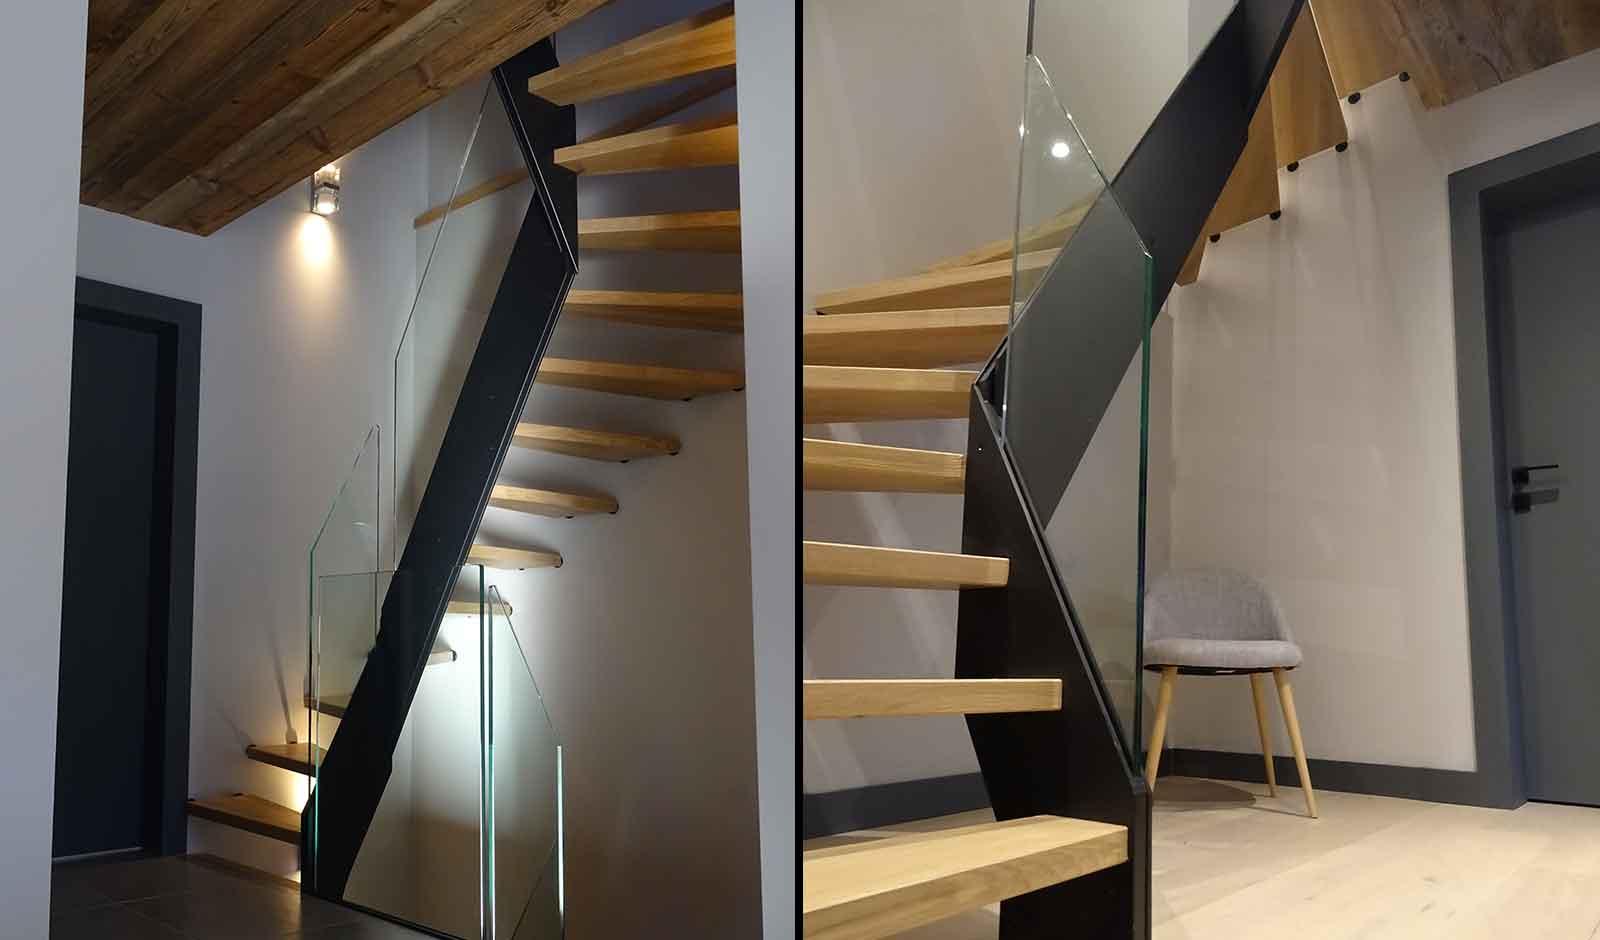 chalet-charlie-2-atelier-crea-and-co-architecte-design-project-manager-meribel-savoie